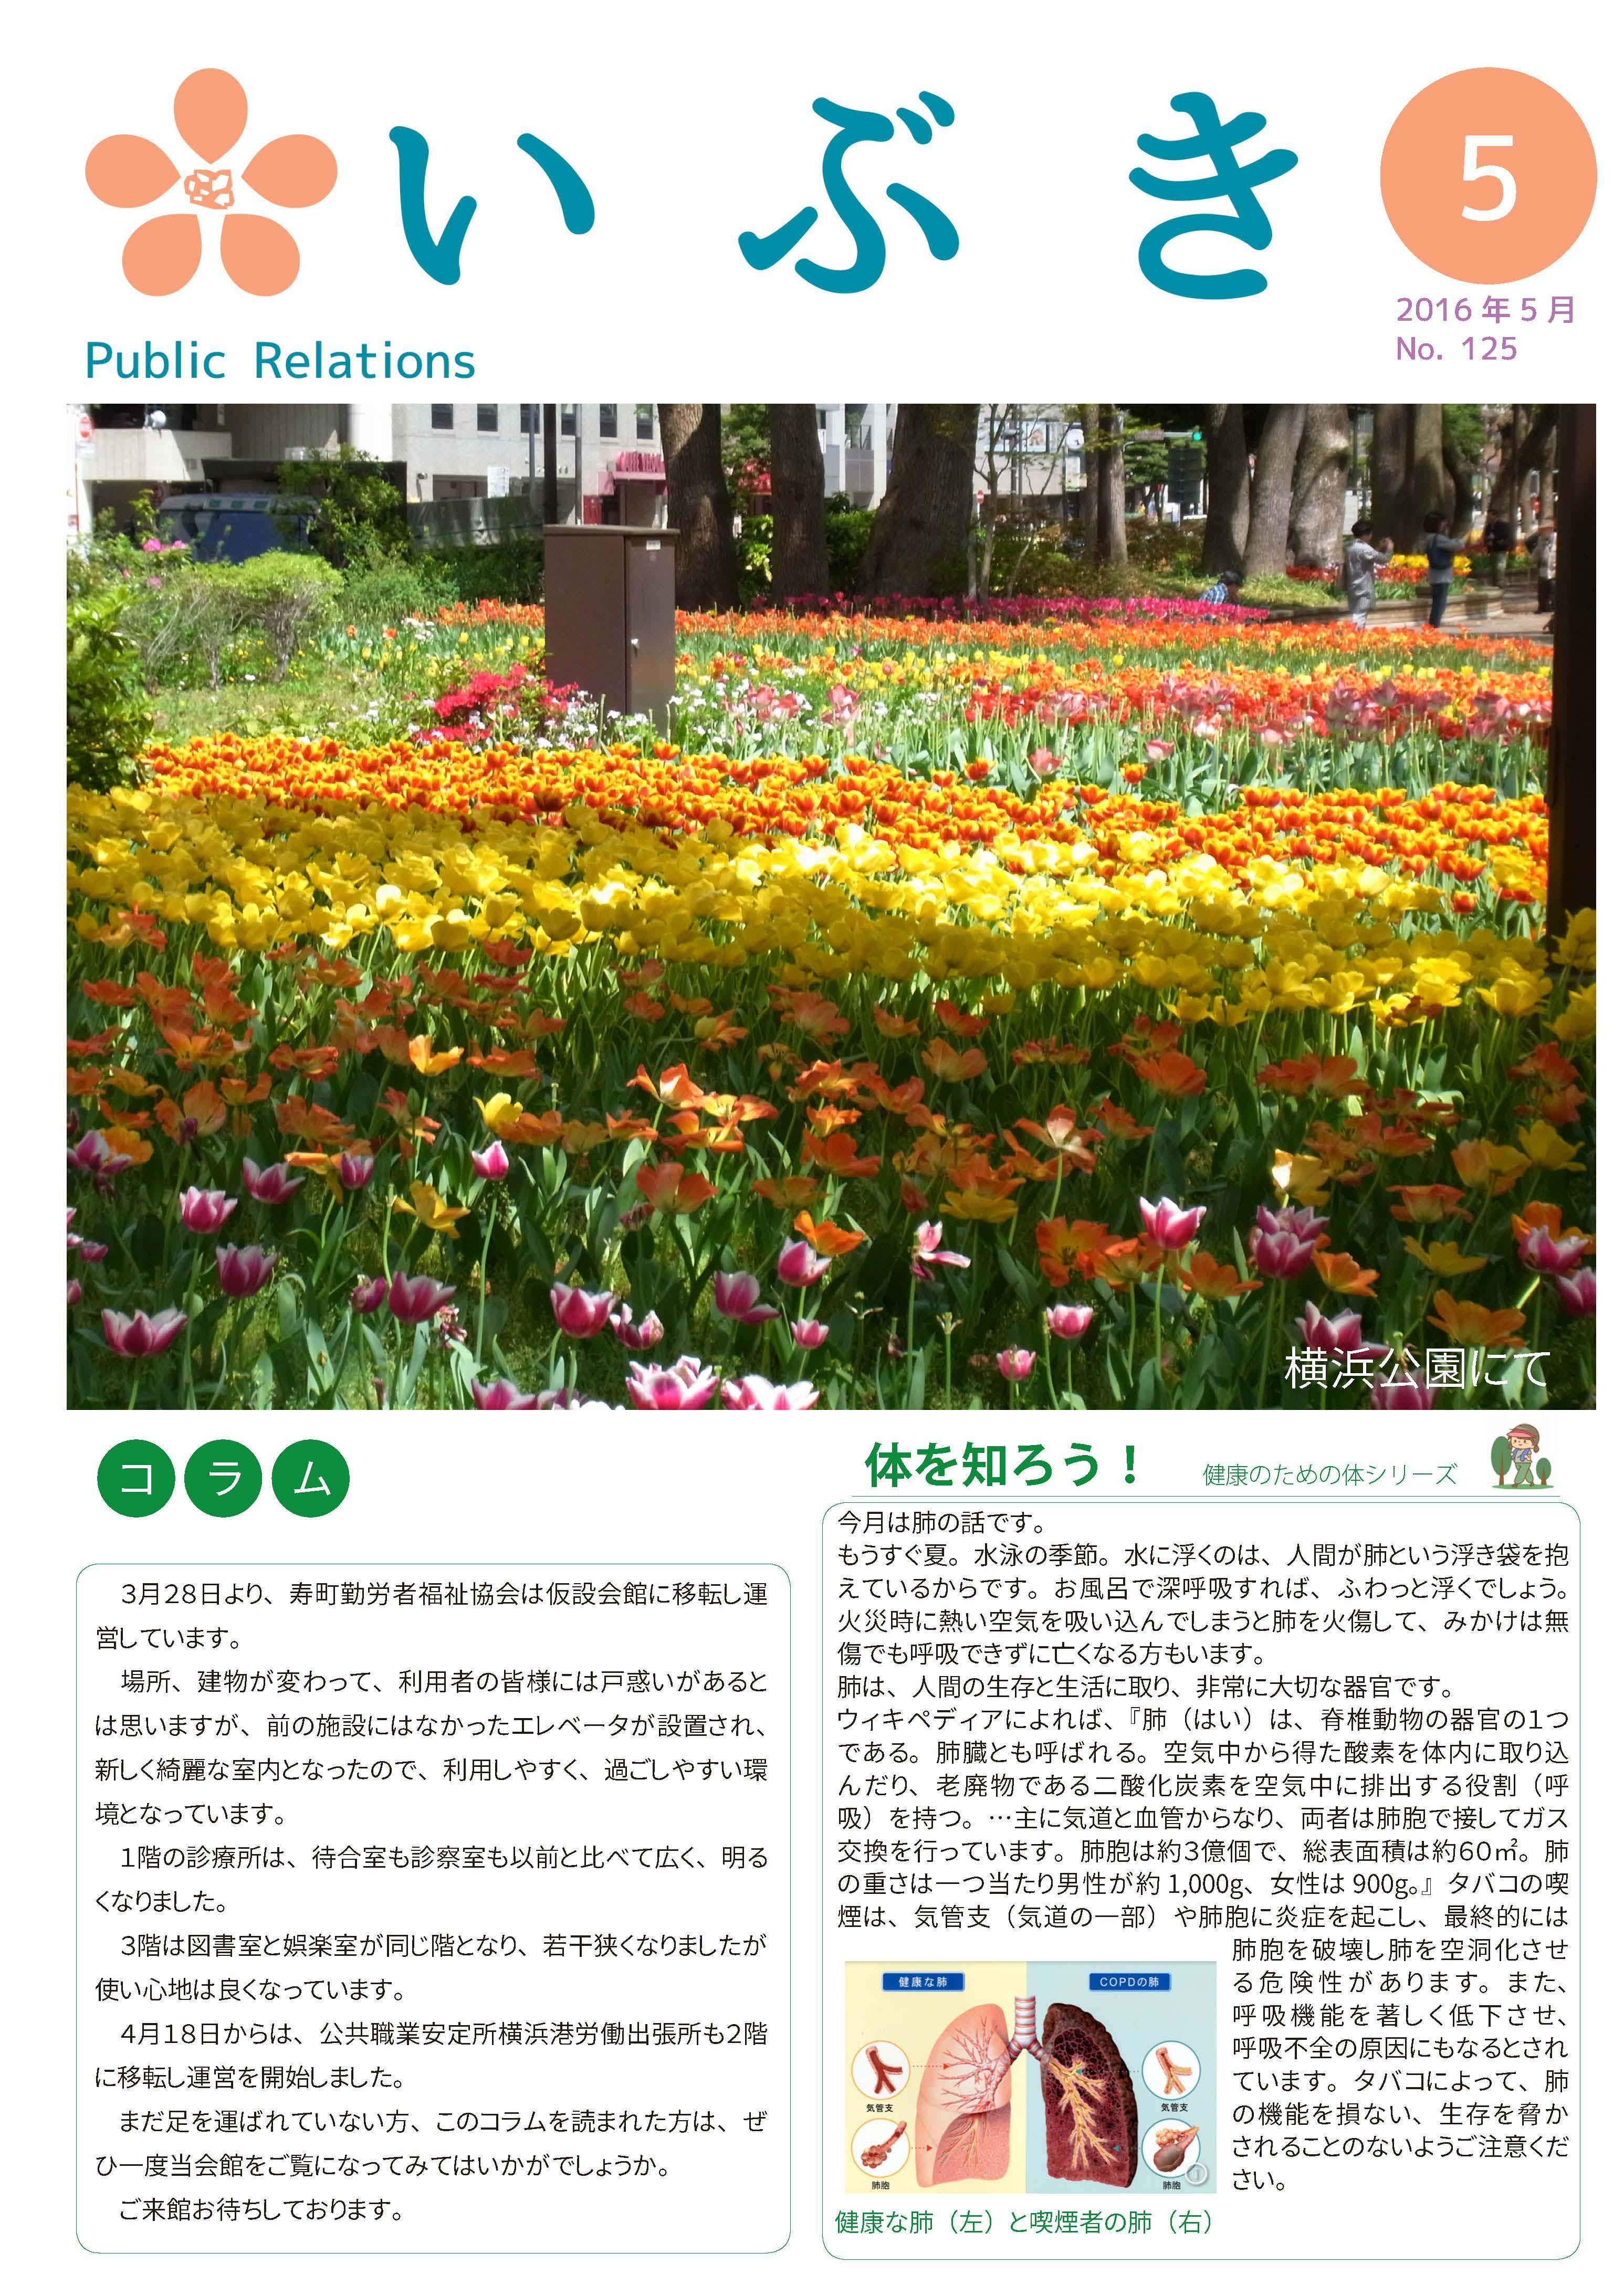 広報誌いぶき2016.5月号(No.125)